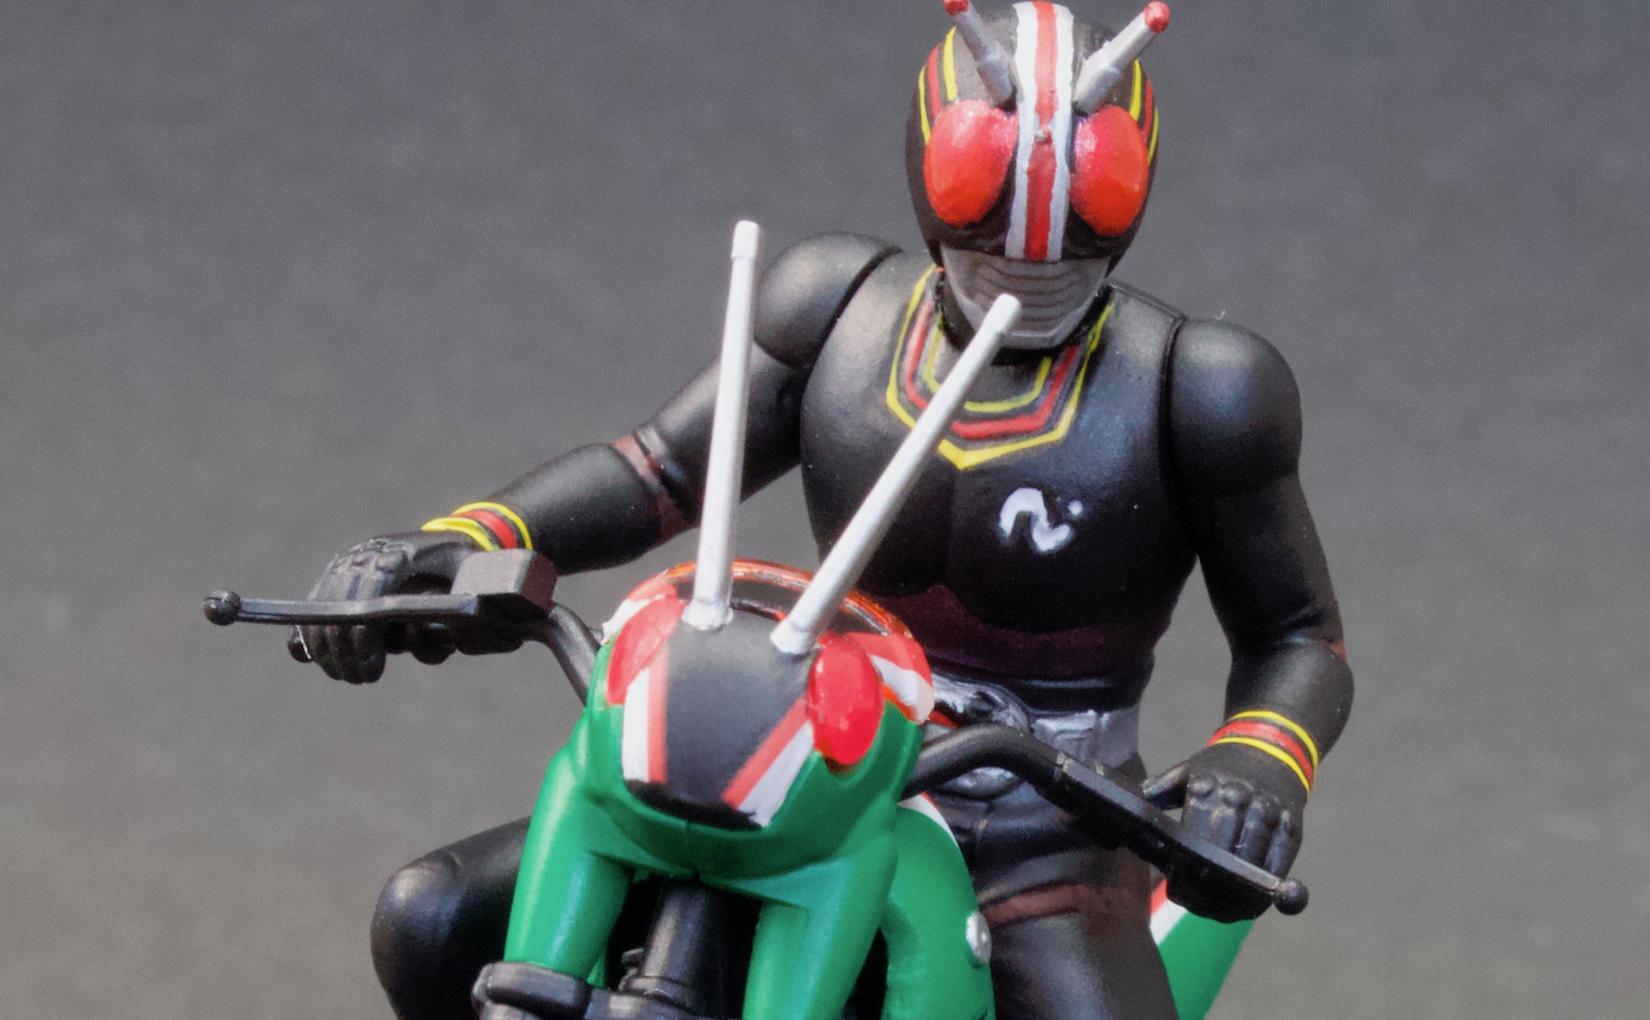 バンダイ メカコレクション 仮面ライダーシリーズ 03 バトルホッパー